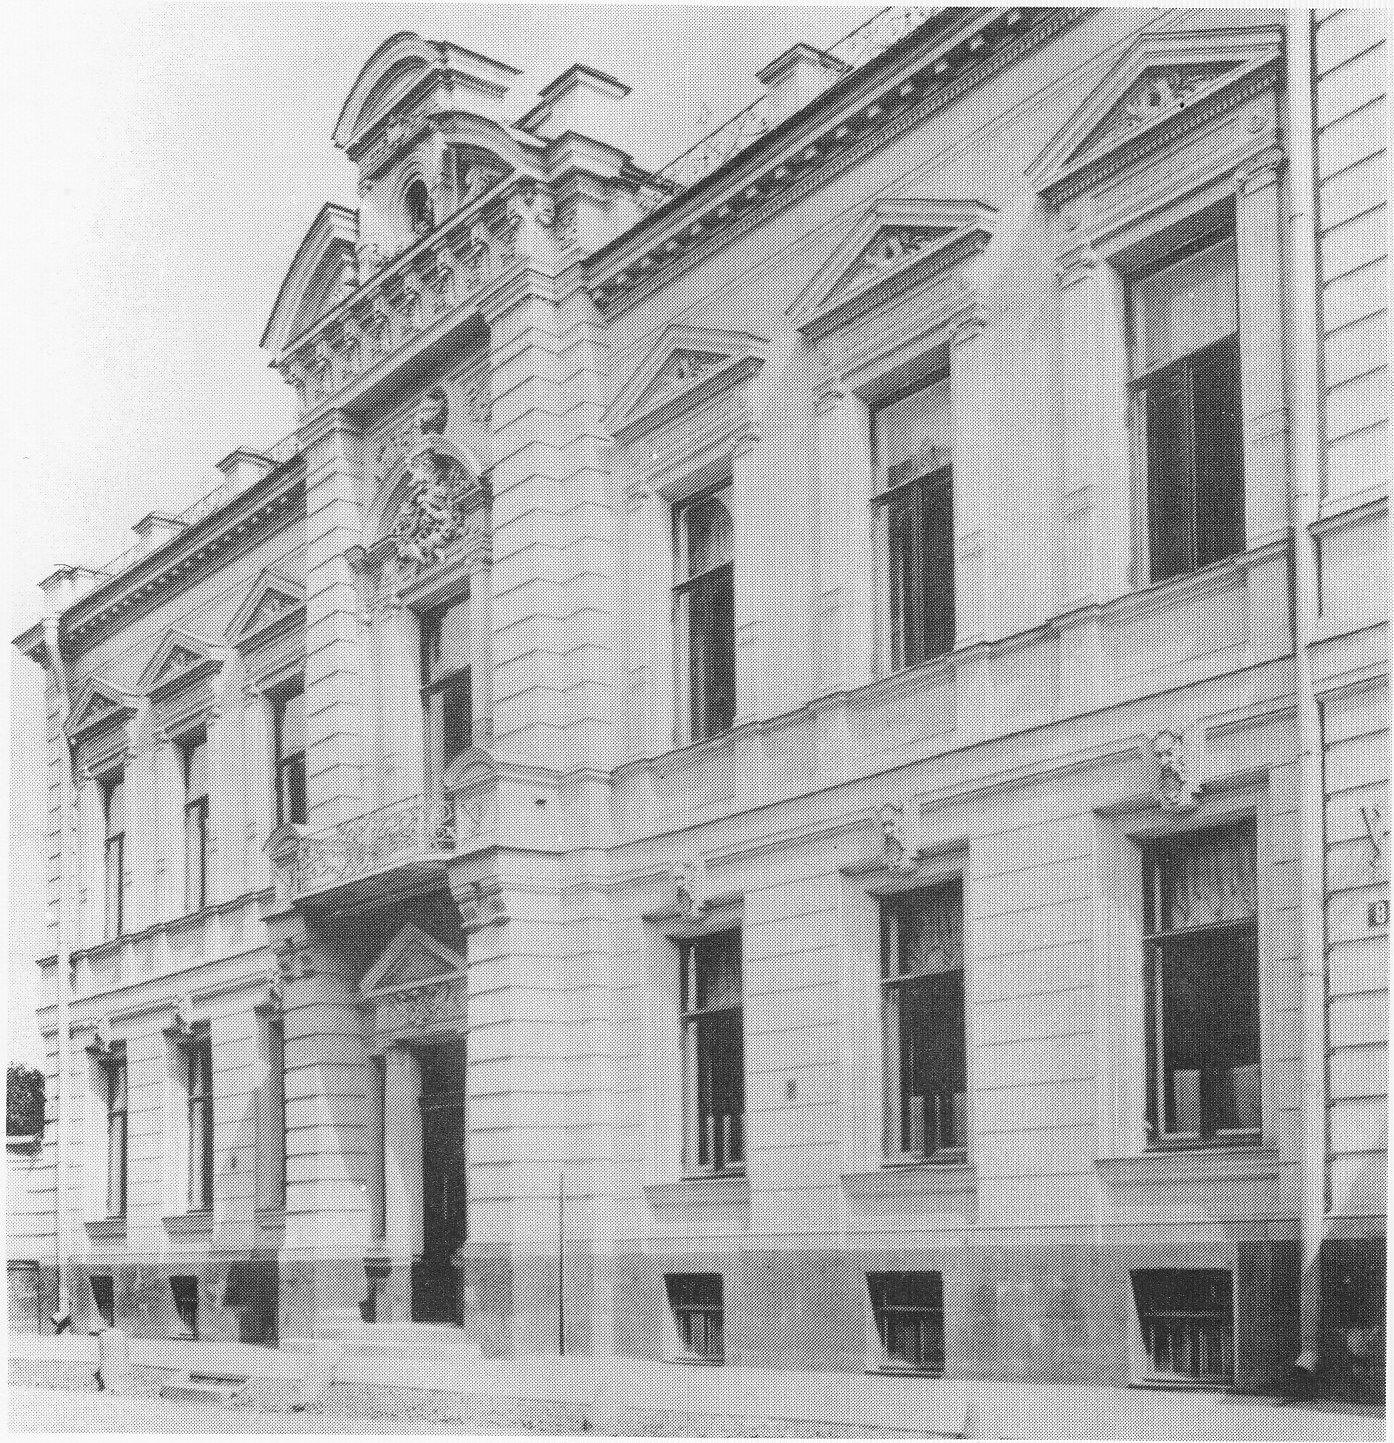 Городская усадьба Г.А. Каратаевой - И.В. Морозова в Леонтьевском пер.